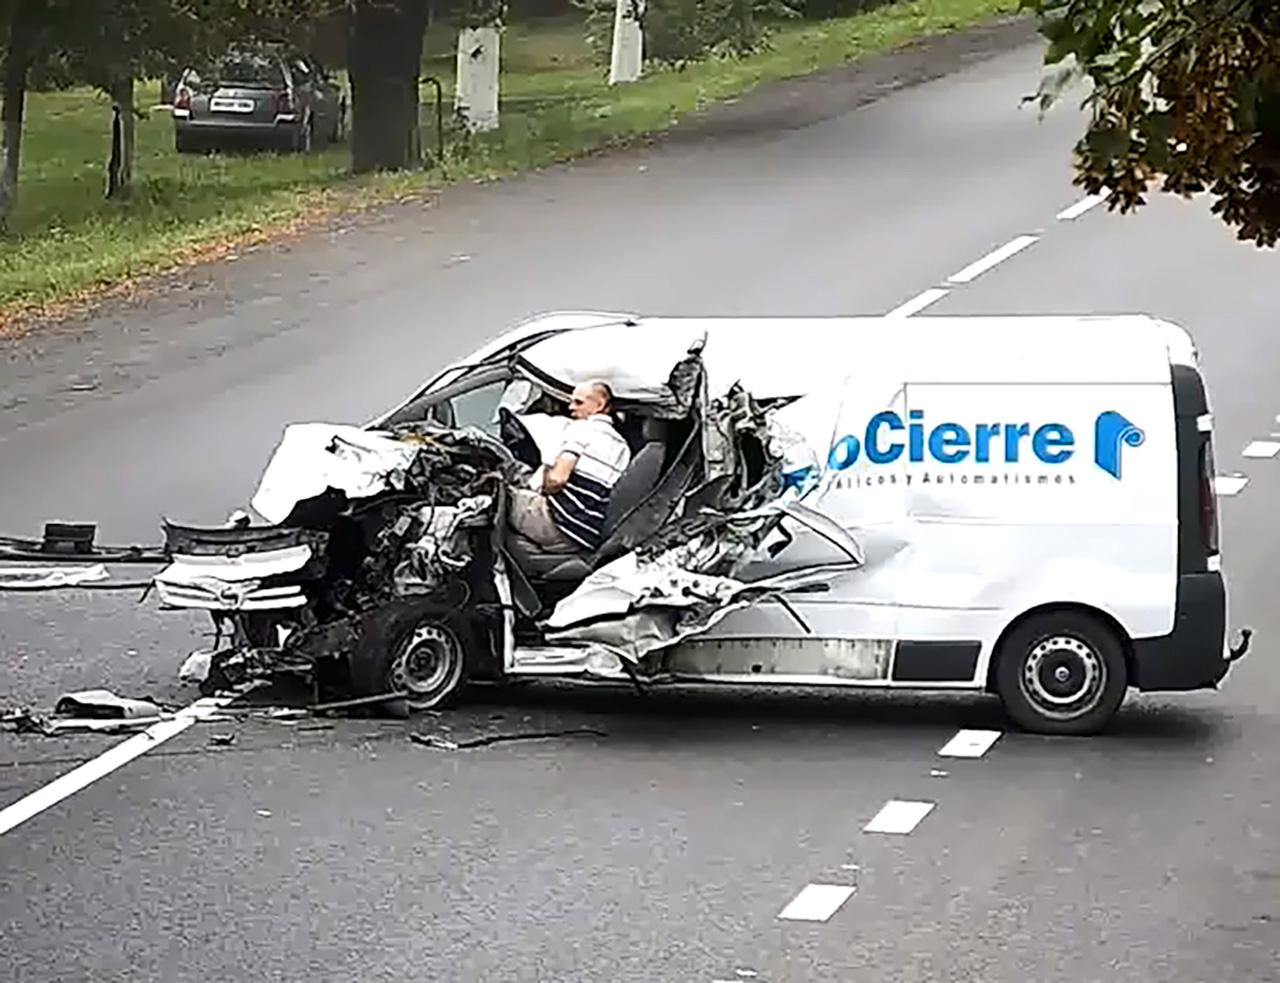 졸음운전 하다 트럭과 충돌...기적적으로 살아남은 남성